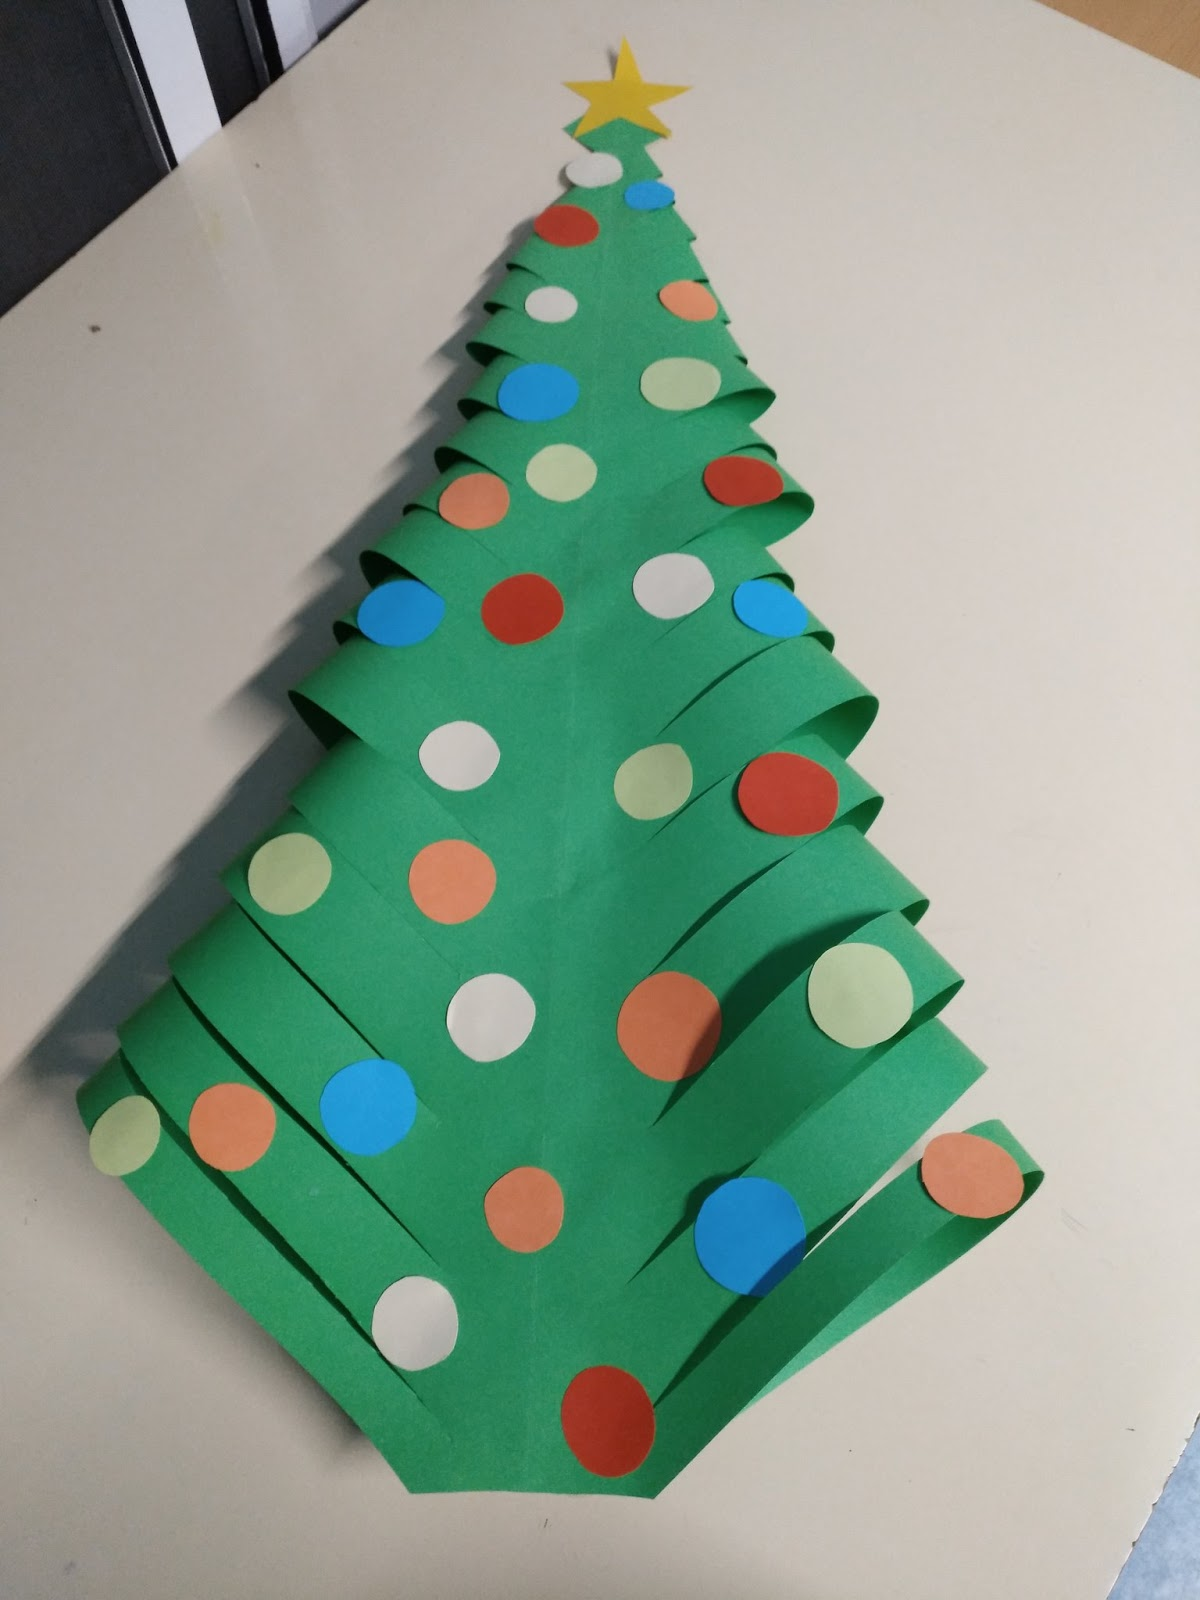 Entrenubesespeciales manualidades de navidad f ciles de hacer para ni os - Manualidades para navidades faciles ...